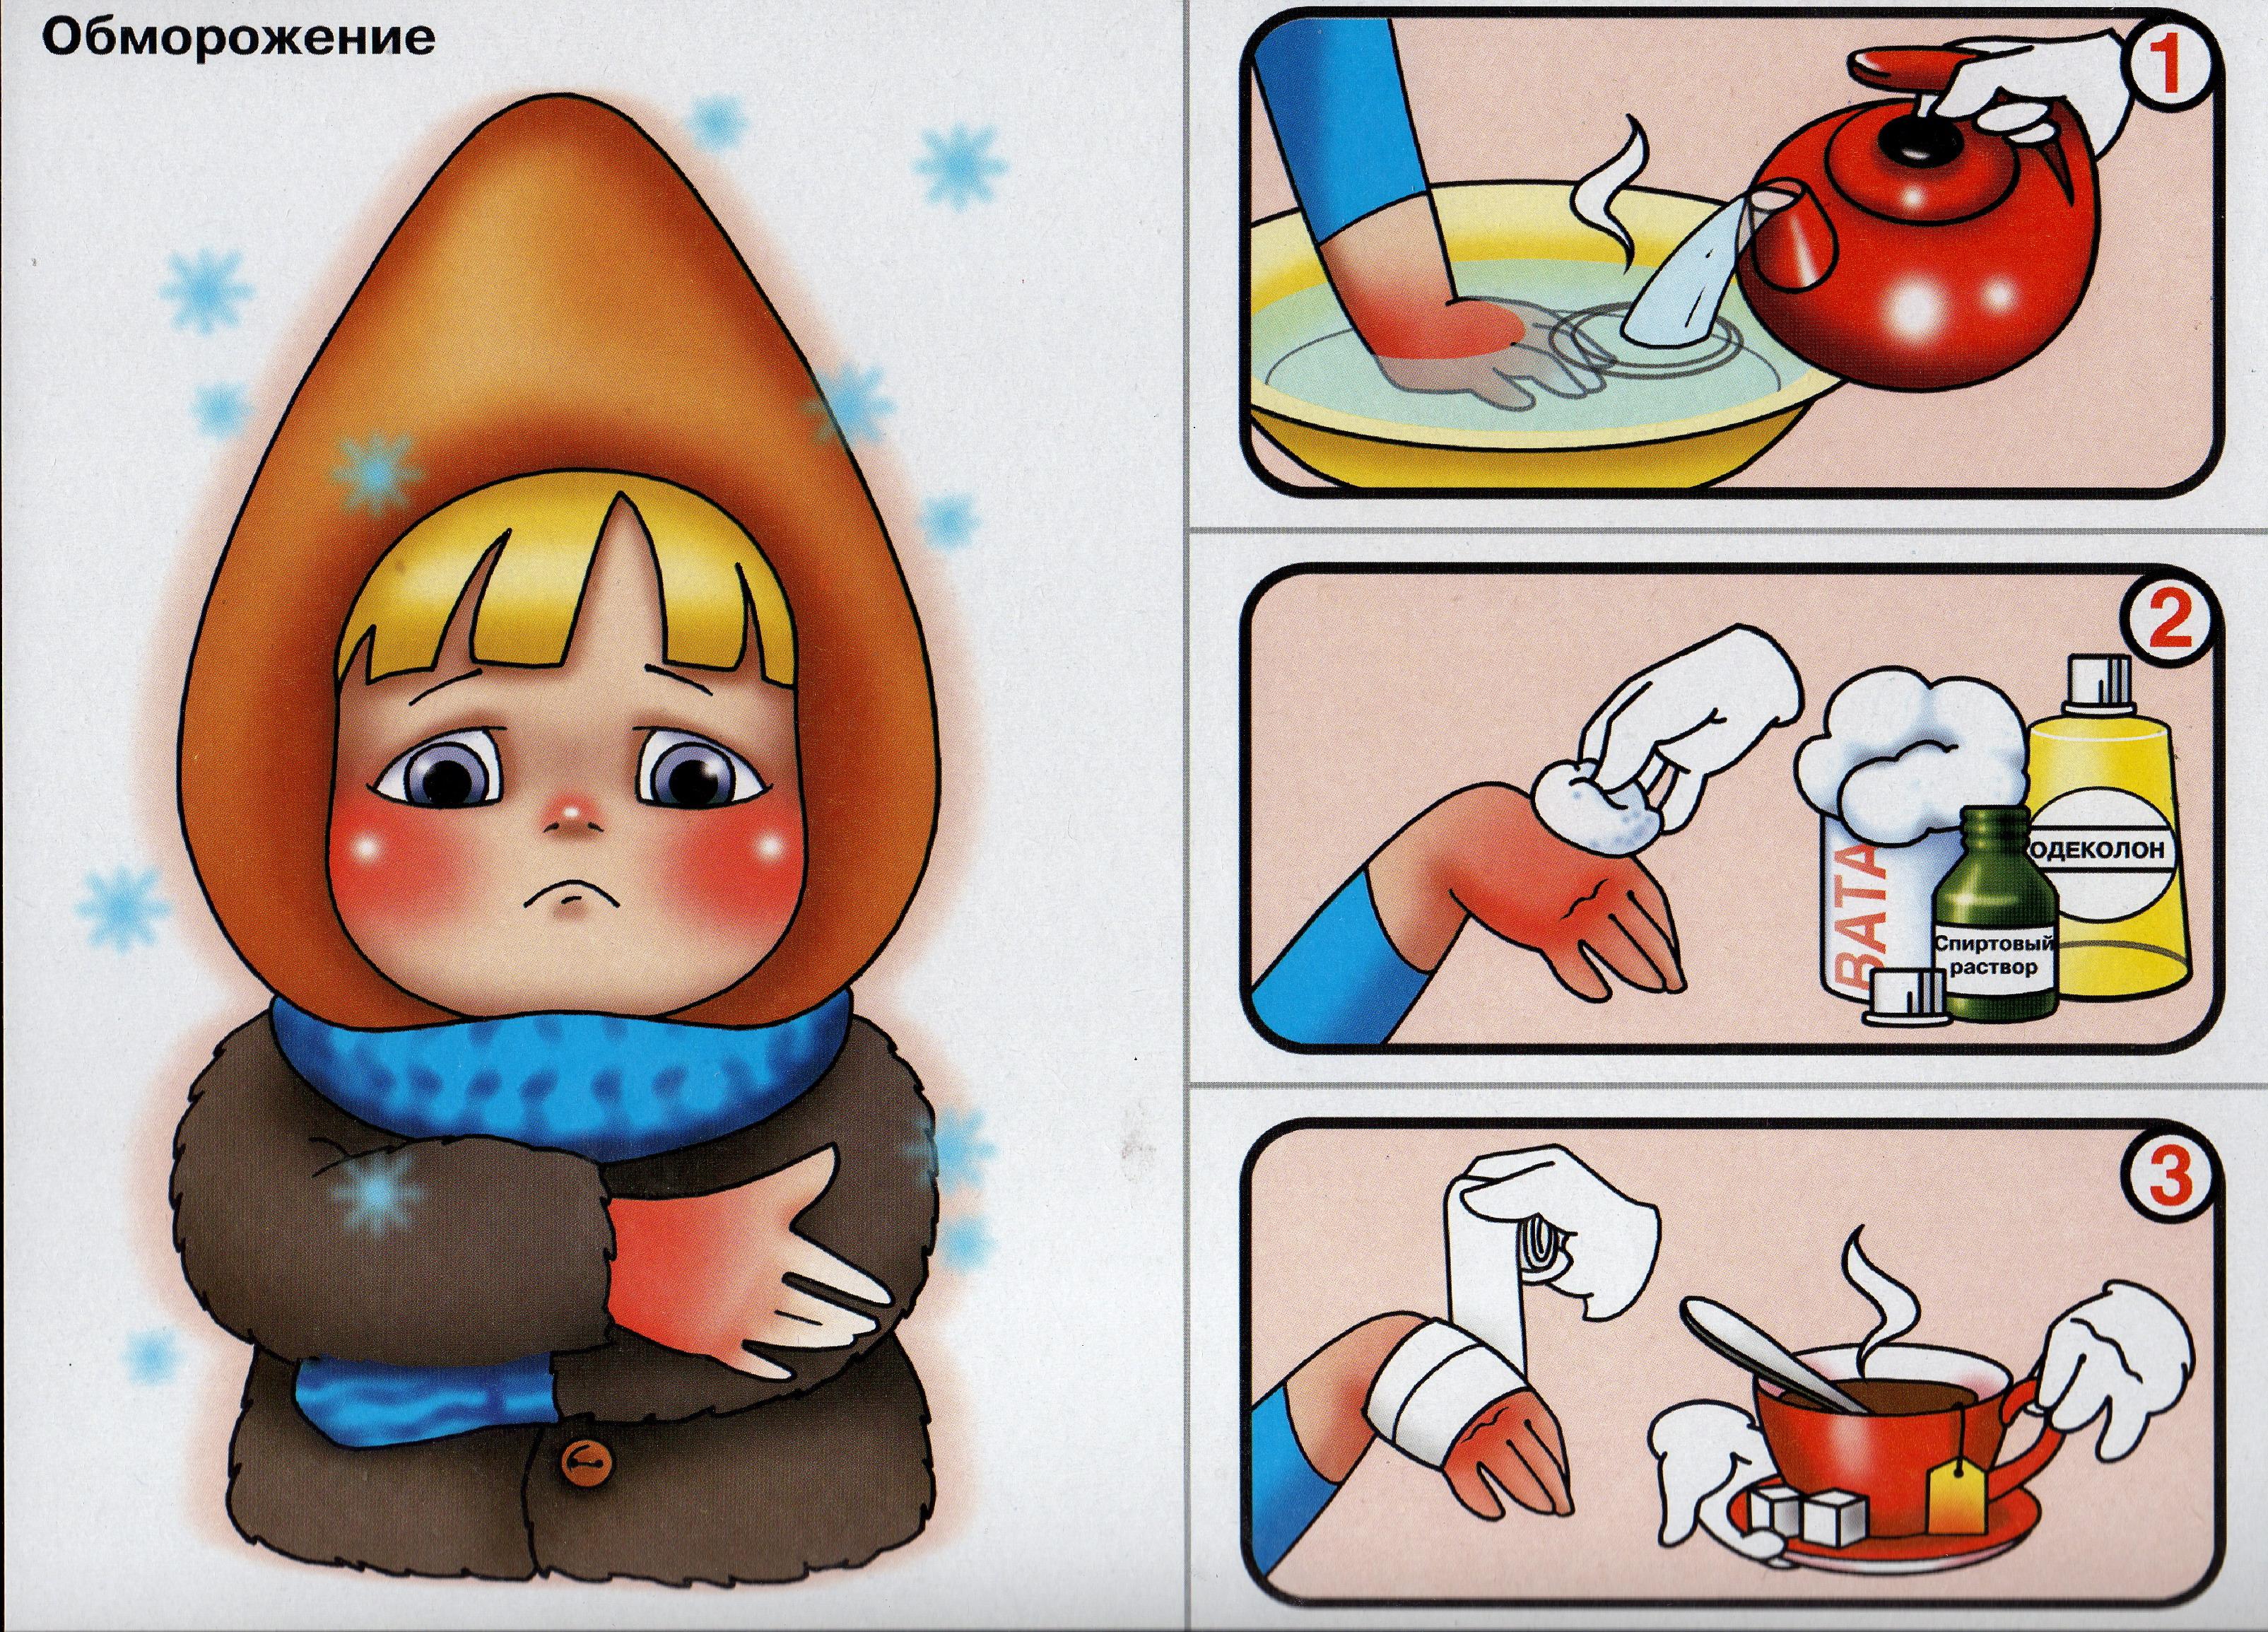 Первая помощь при отморожениях в картинках